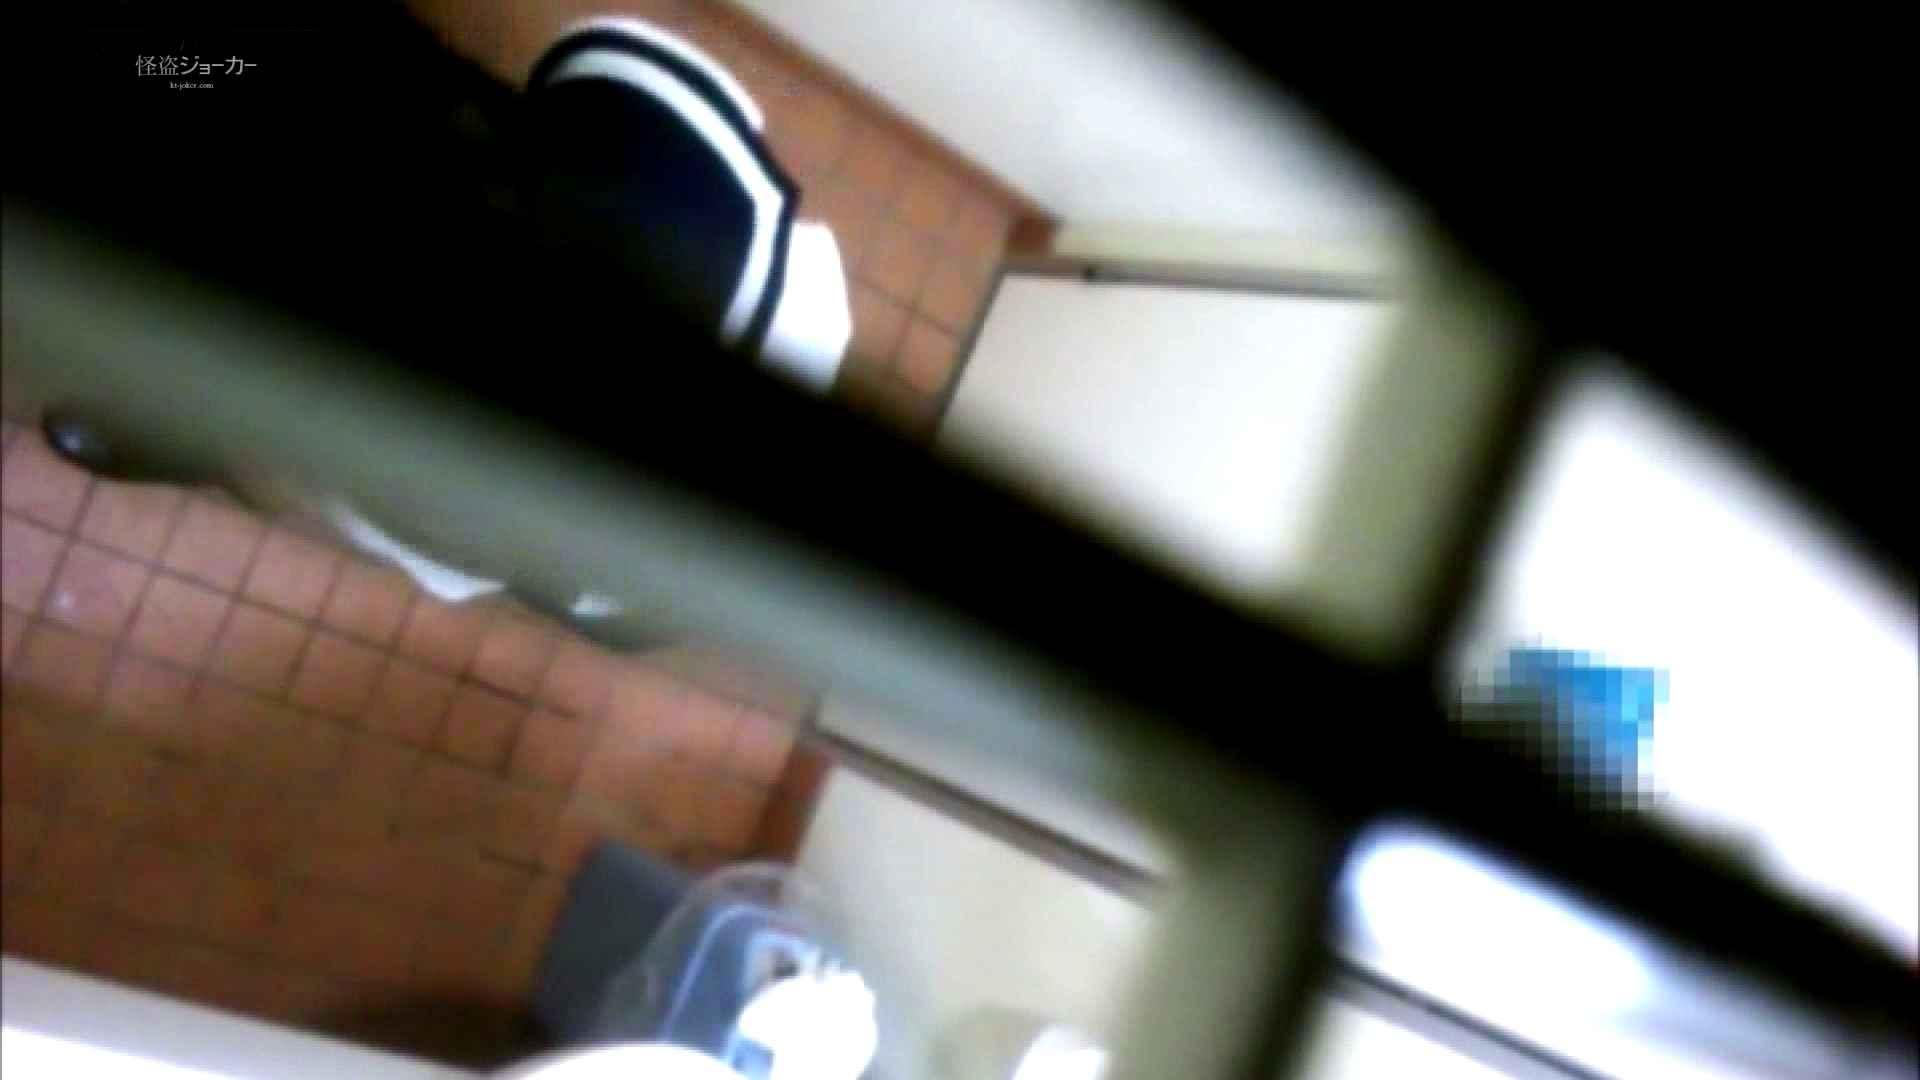 店長代理の盗撮録 Vol.02 制服ばかりをあつめてみました。その2 制服 ワレメ動画紹介 49PIX 47